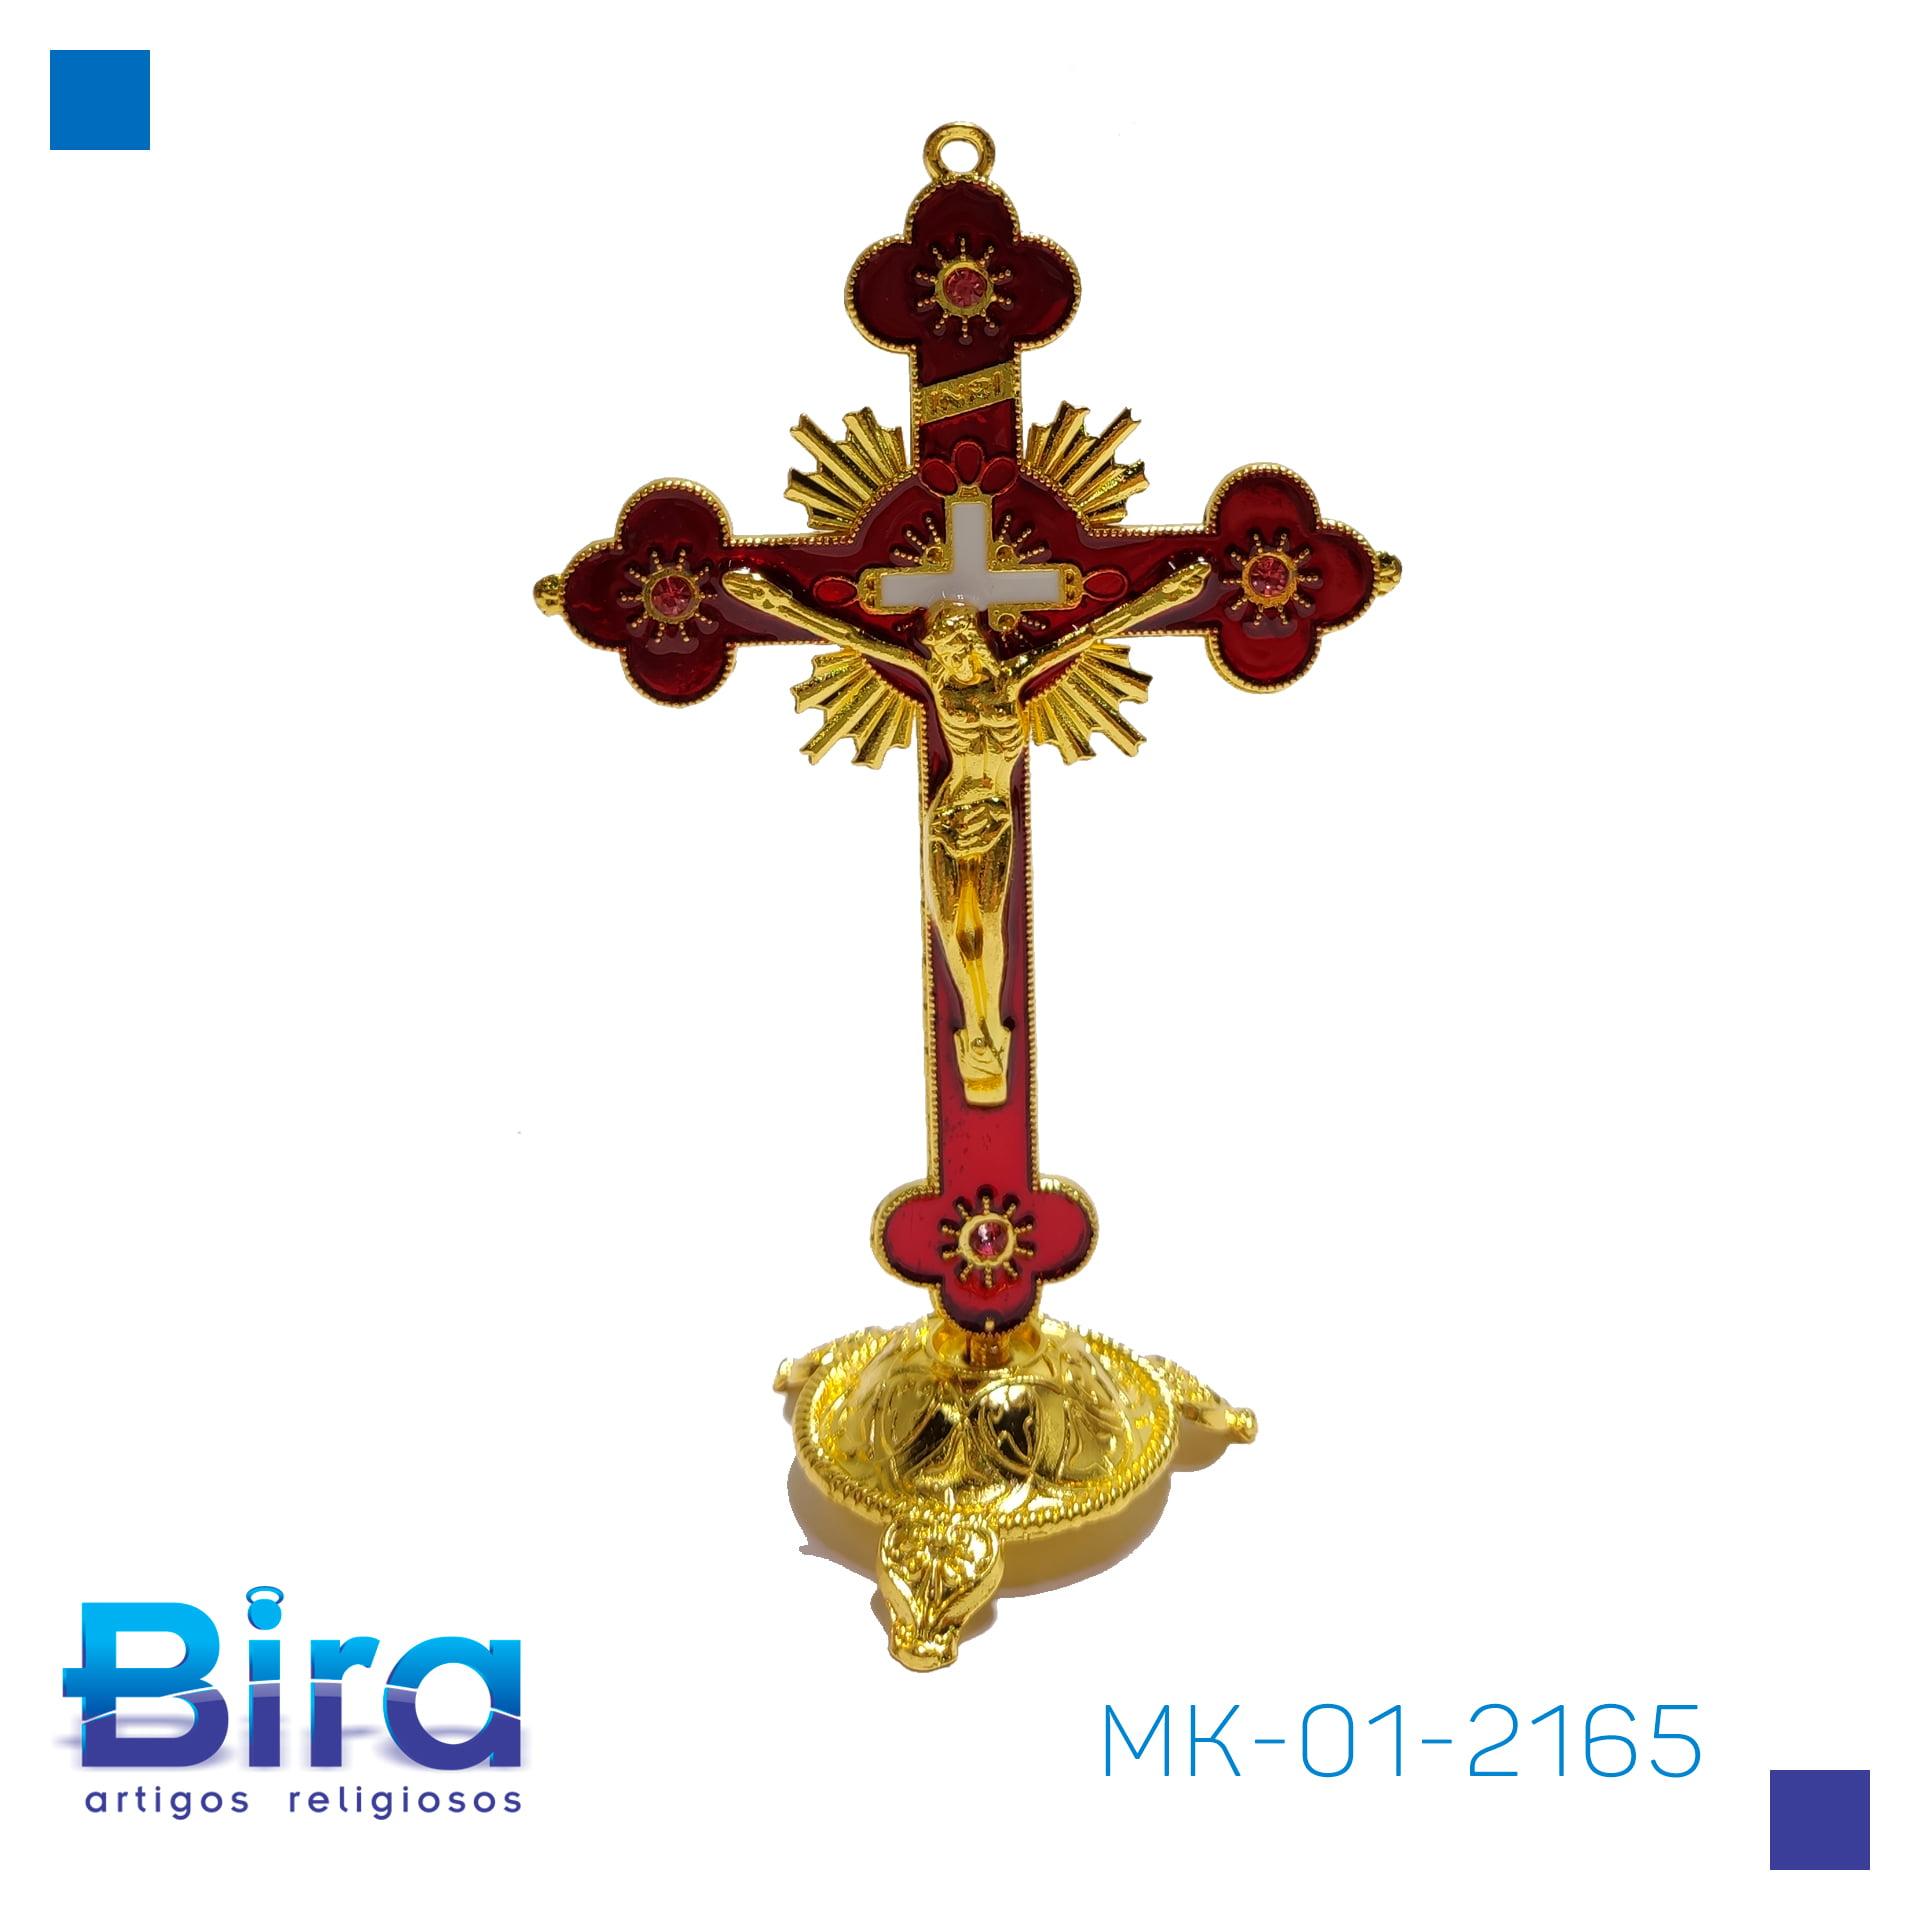 Bira Artigos Religiosos - CRUCIFIXO DE MESA DOURADO 13 CM - Cód. MK-01-2165